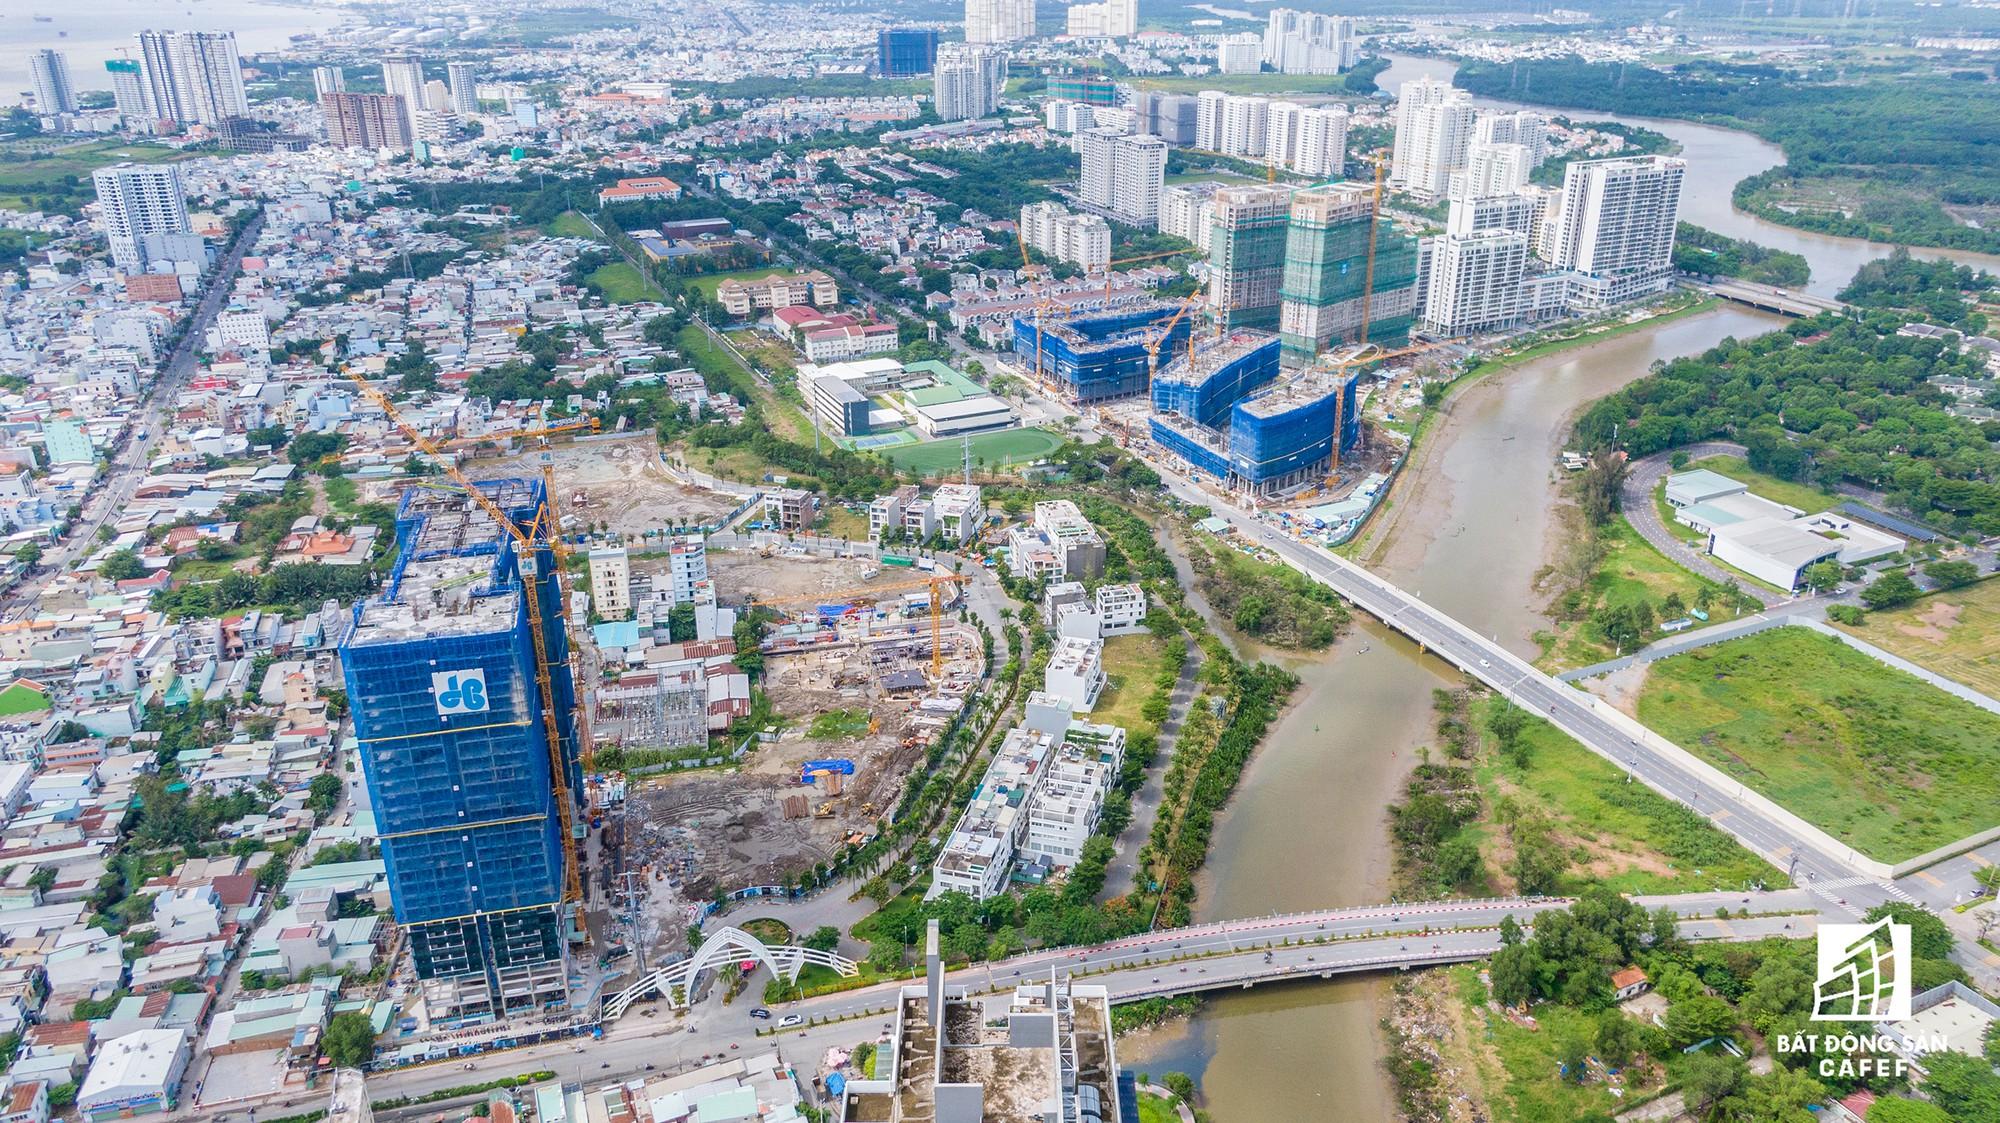 Cung đường dự án tỷ đô khiến bất động sản khu Nam Sài Gòn trỗi dậy - Ảnh 8.